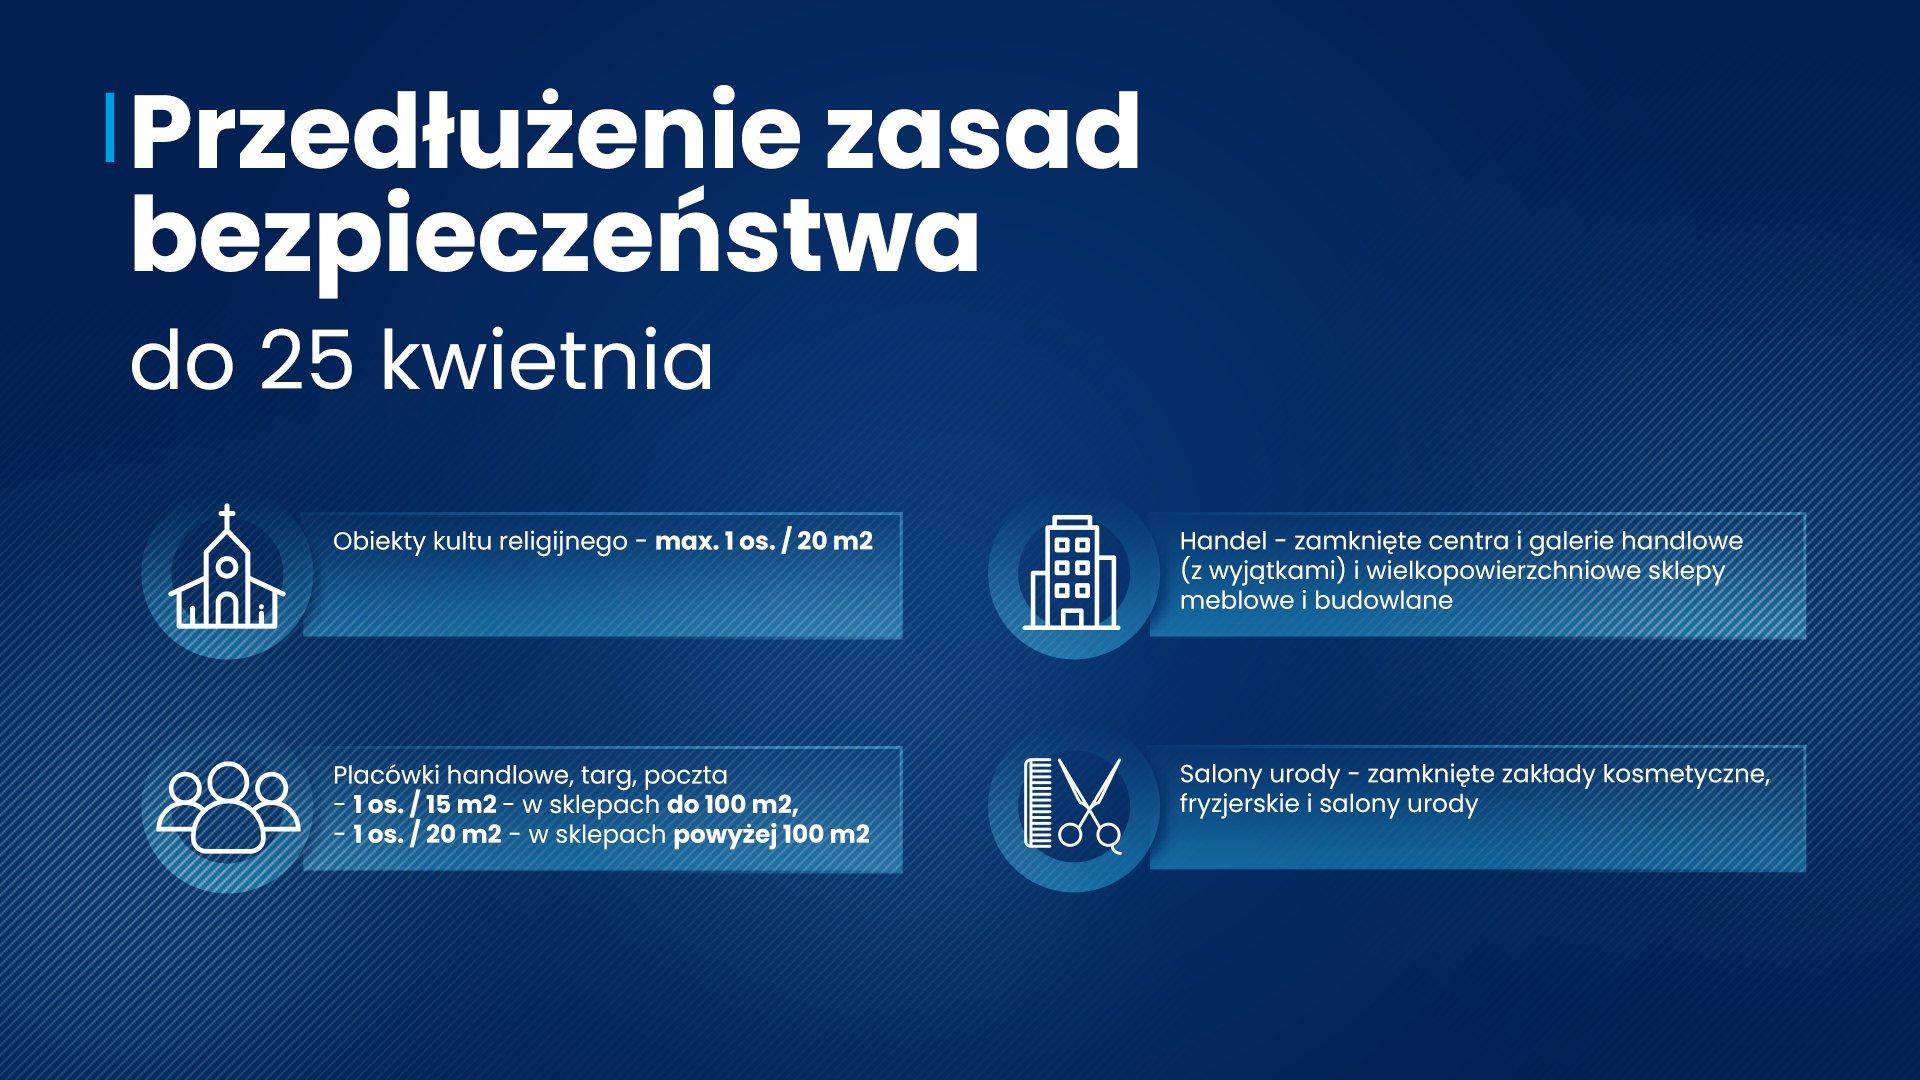 ey6 n1fwqaa8h4m Jest decyzja rządu ws. dalszych restrykcji. Otwarcie przedszkoli i żłobków.